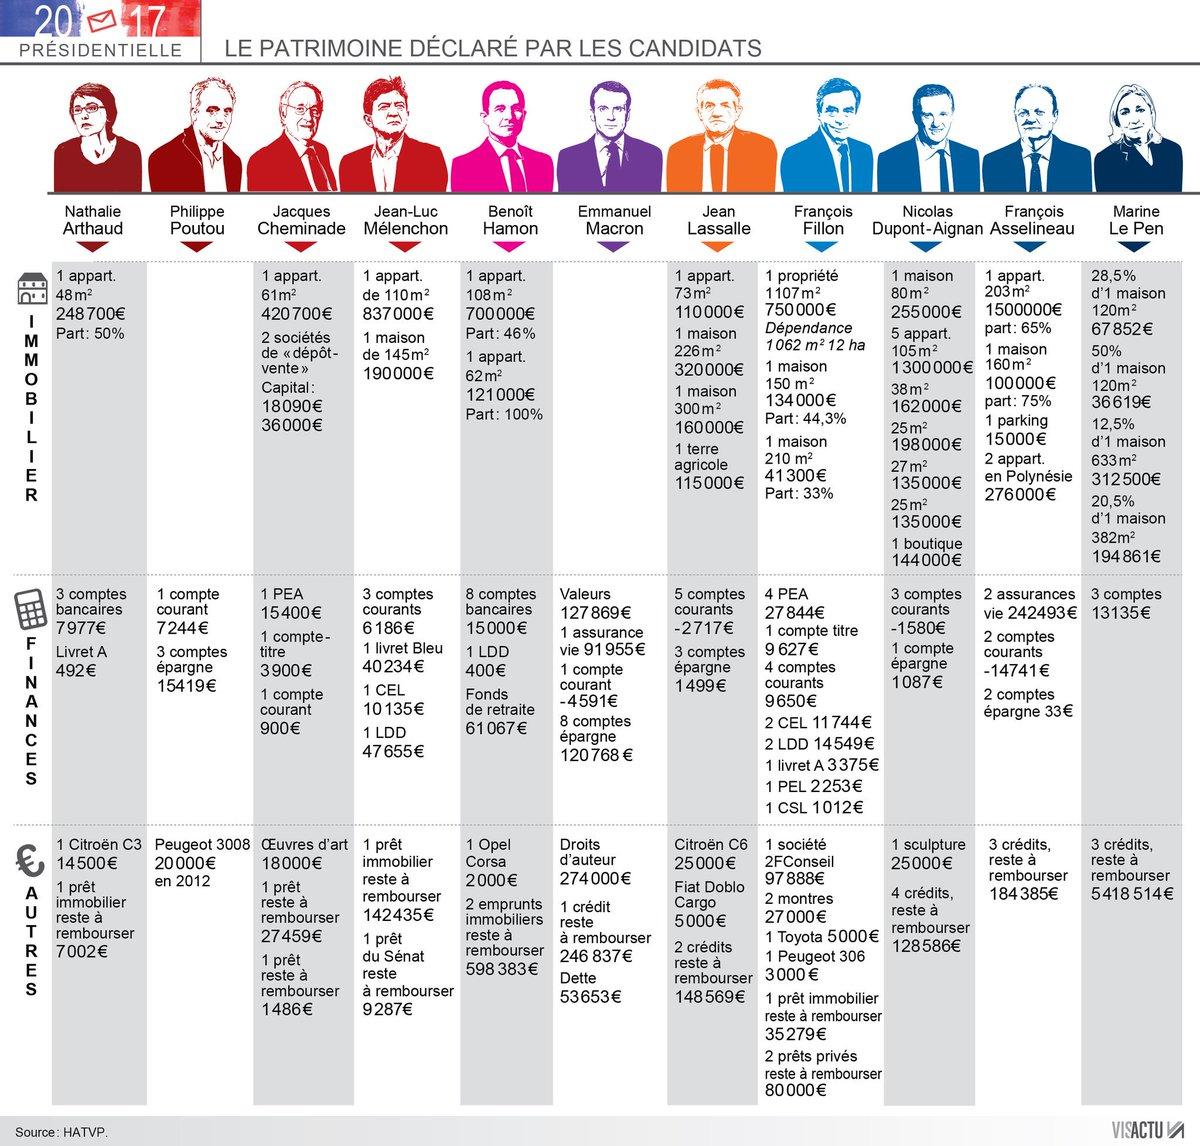 Voici l&#39;infographie complète de la déclaration de patrimoine de chaque candidat à la #Presidentielle2017 (via @OuestFrance)<br>http://pic.twitter.com/ygso4chiQm